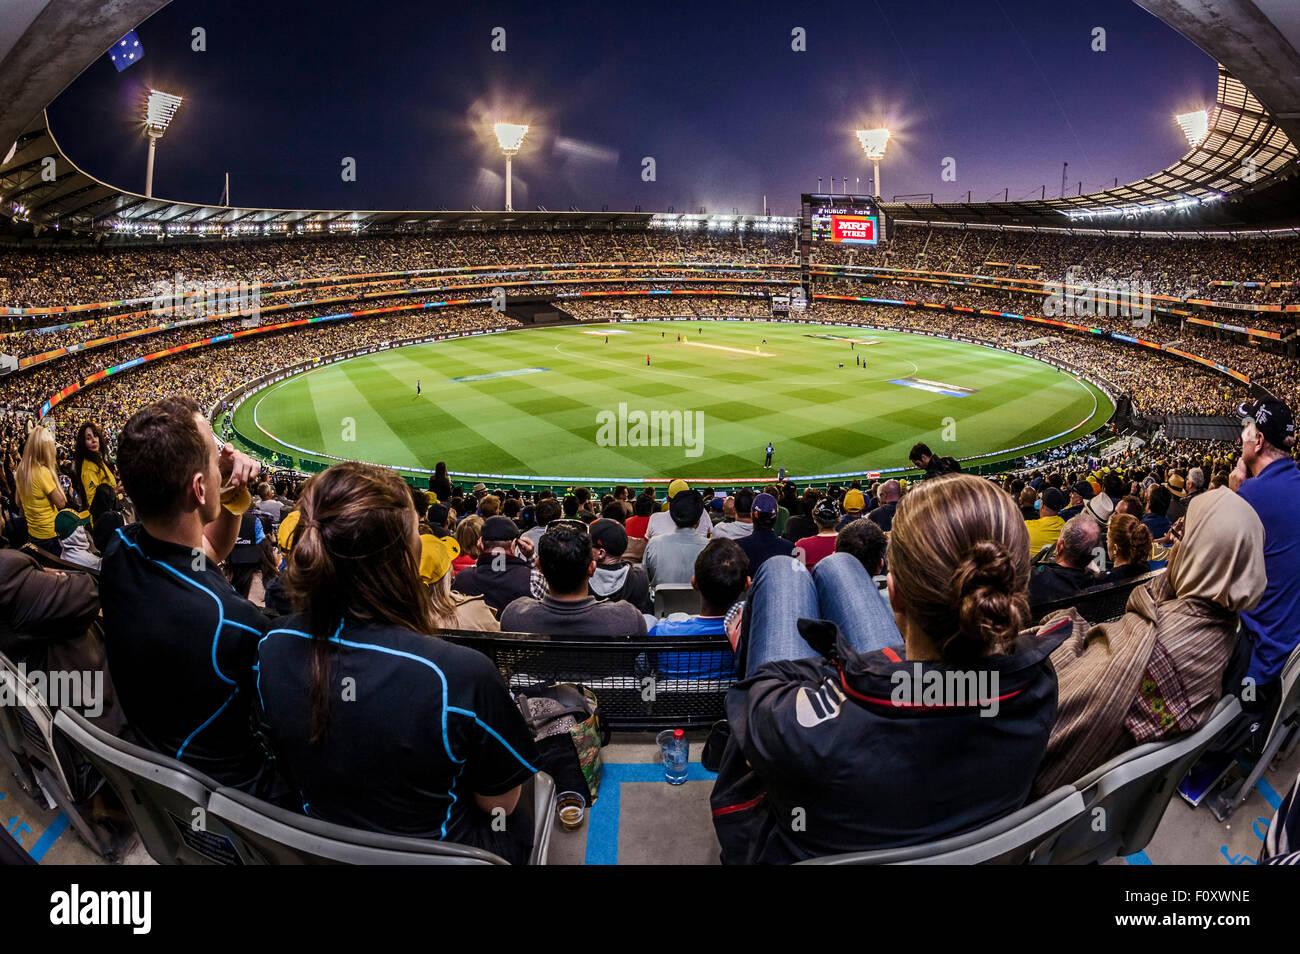 Plano amplio de todo el MCG estadio en la final de la Copa Mundial de Críquet de 2015 en el campo de críquet Imagen De Stock